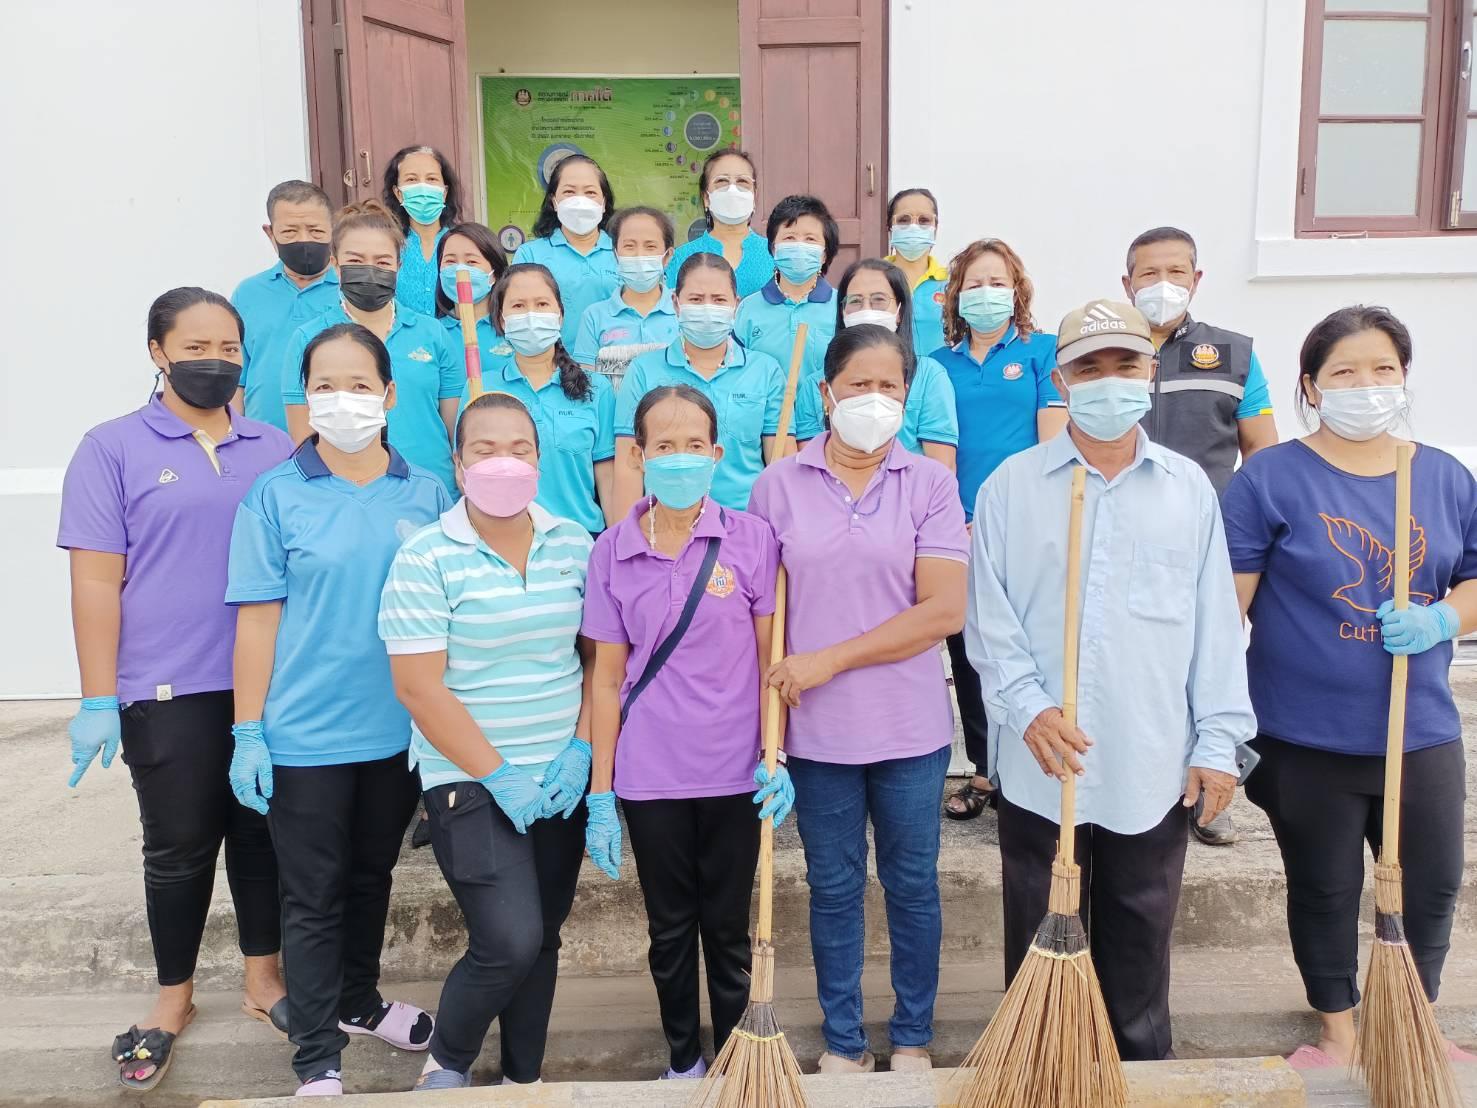 ได้ร่วมจัดกิจกรรมทำความสะอาดพื้นที่ด้านในและด้านนอกสำนักงาน เนื่องในวันแม่แห่งชาติ